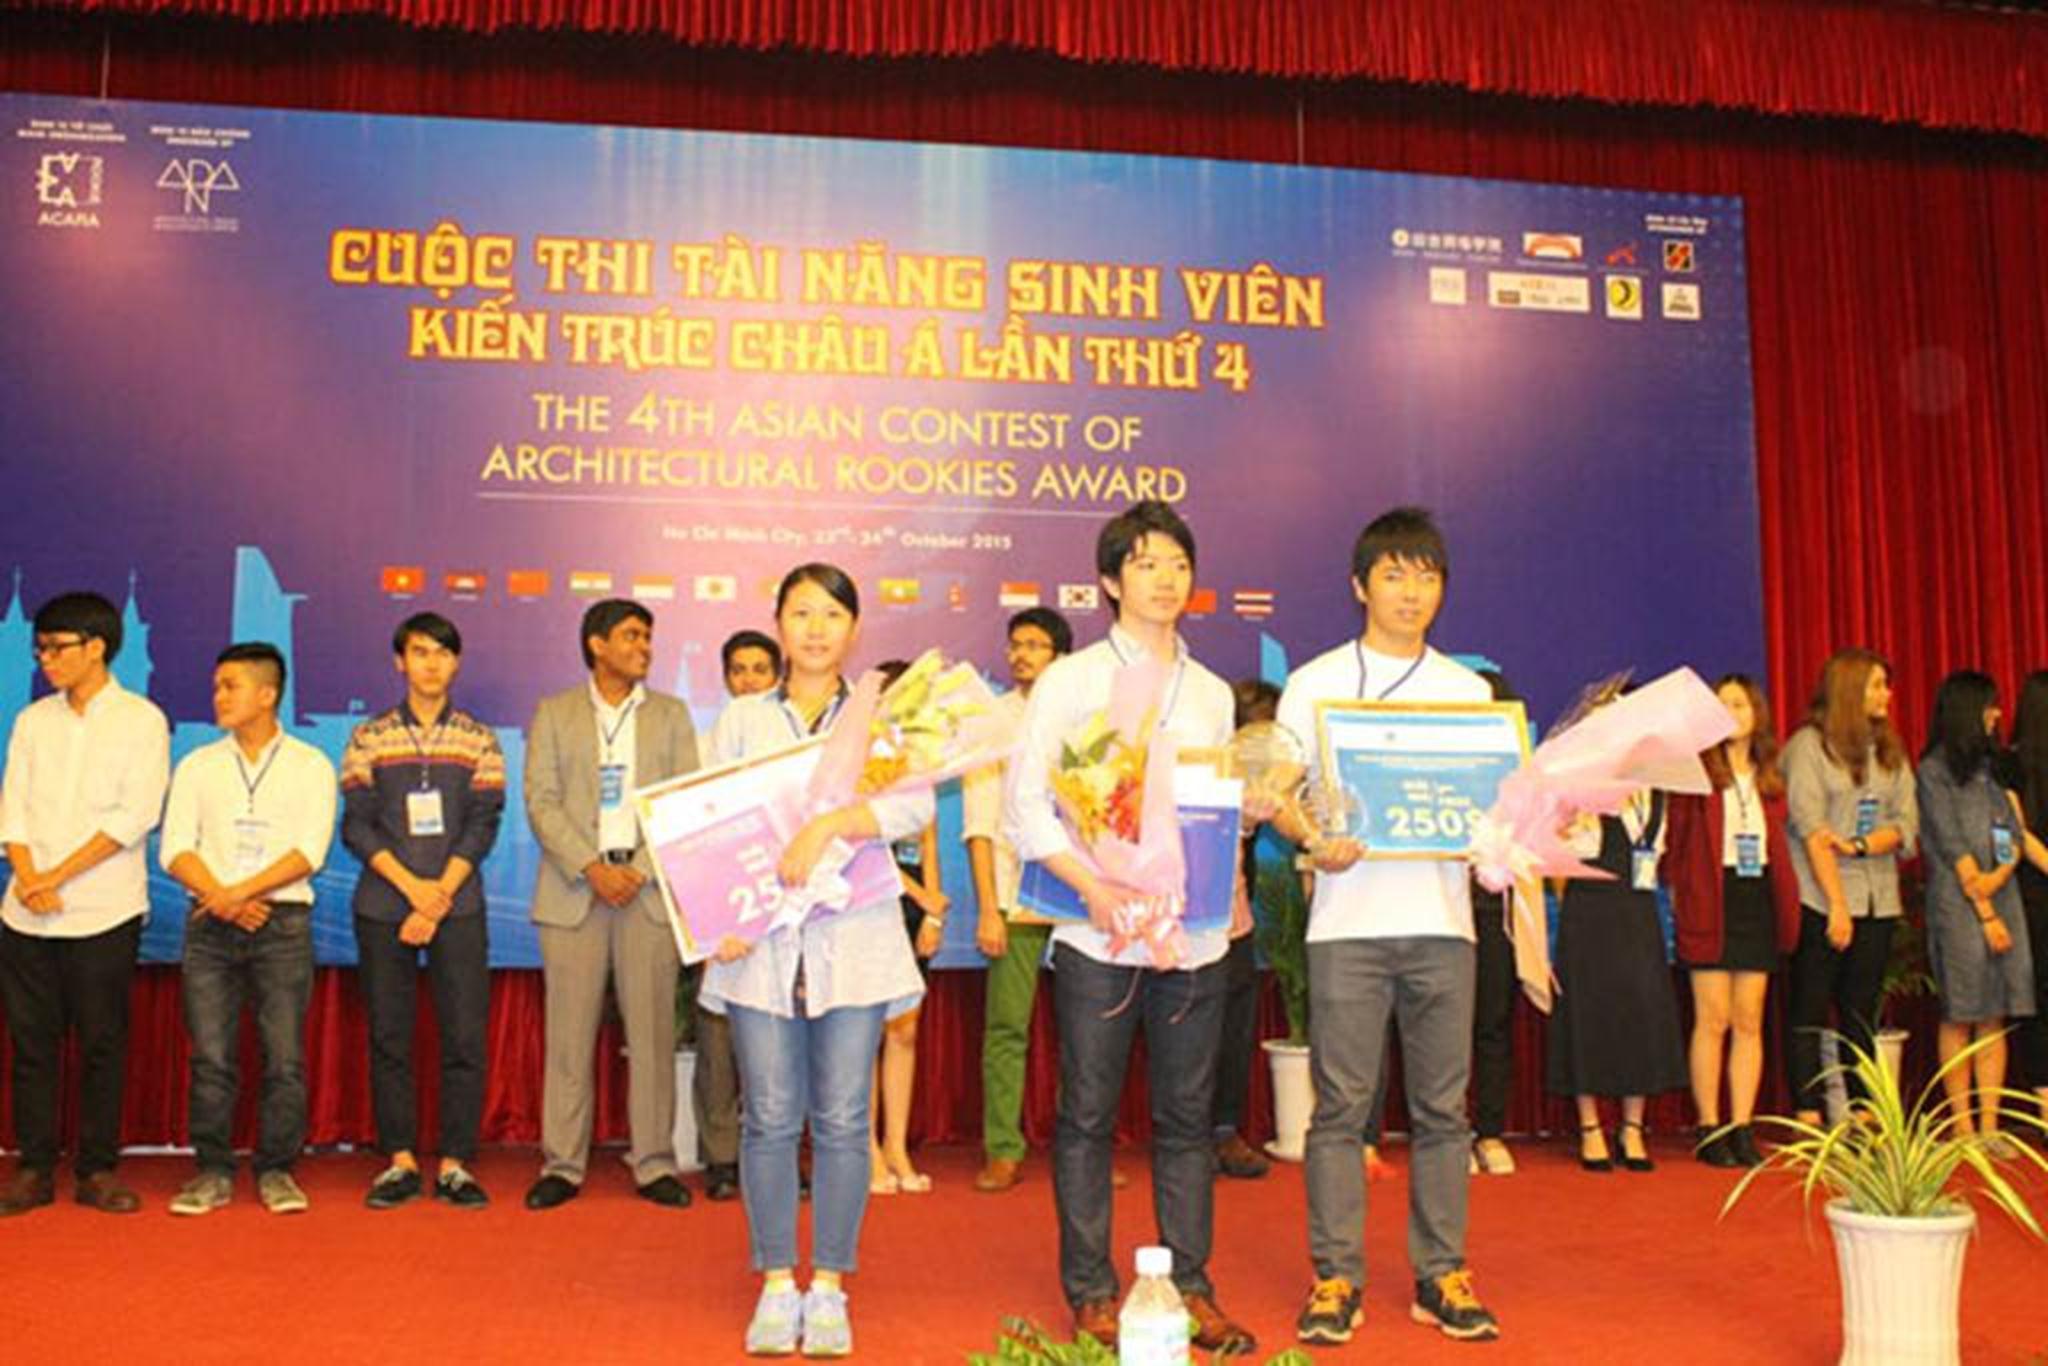 Top 3 sinh viên đoạt giải cao nhất (Yulan Lin ngoài cùng từ trái qua, Takaki chính giữa, Keijiro Kinoshita ngoài cùng từ phải sang